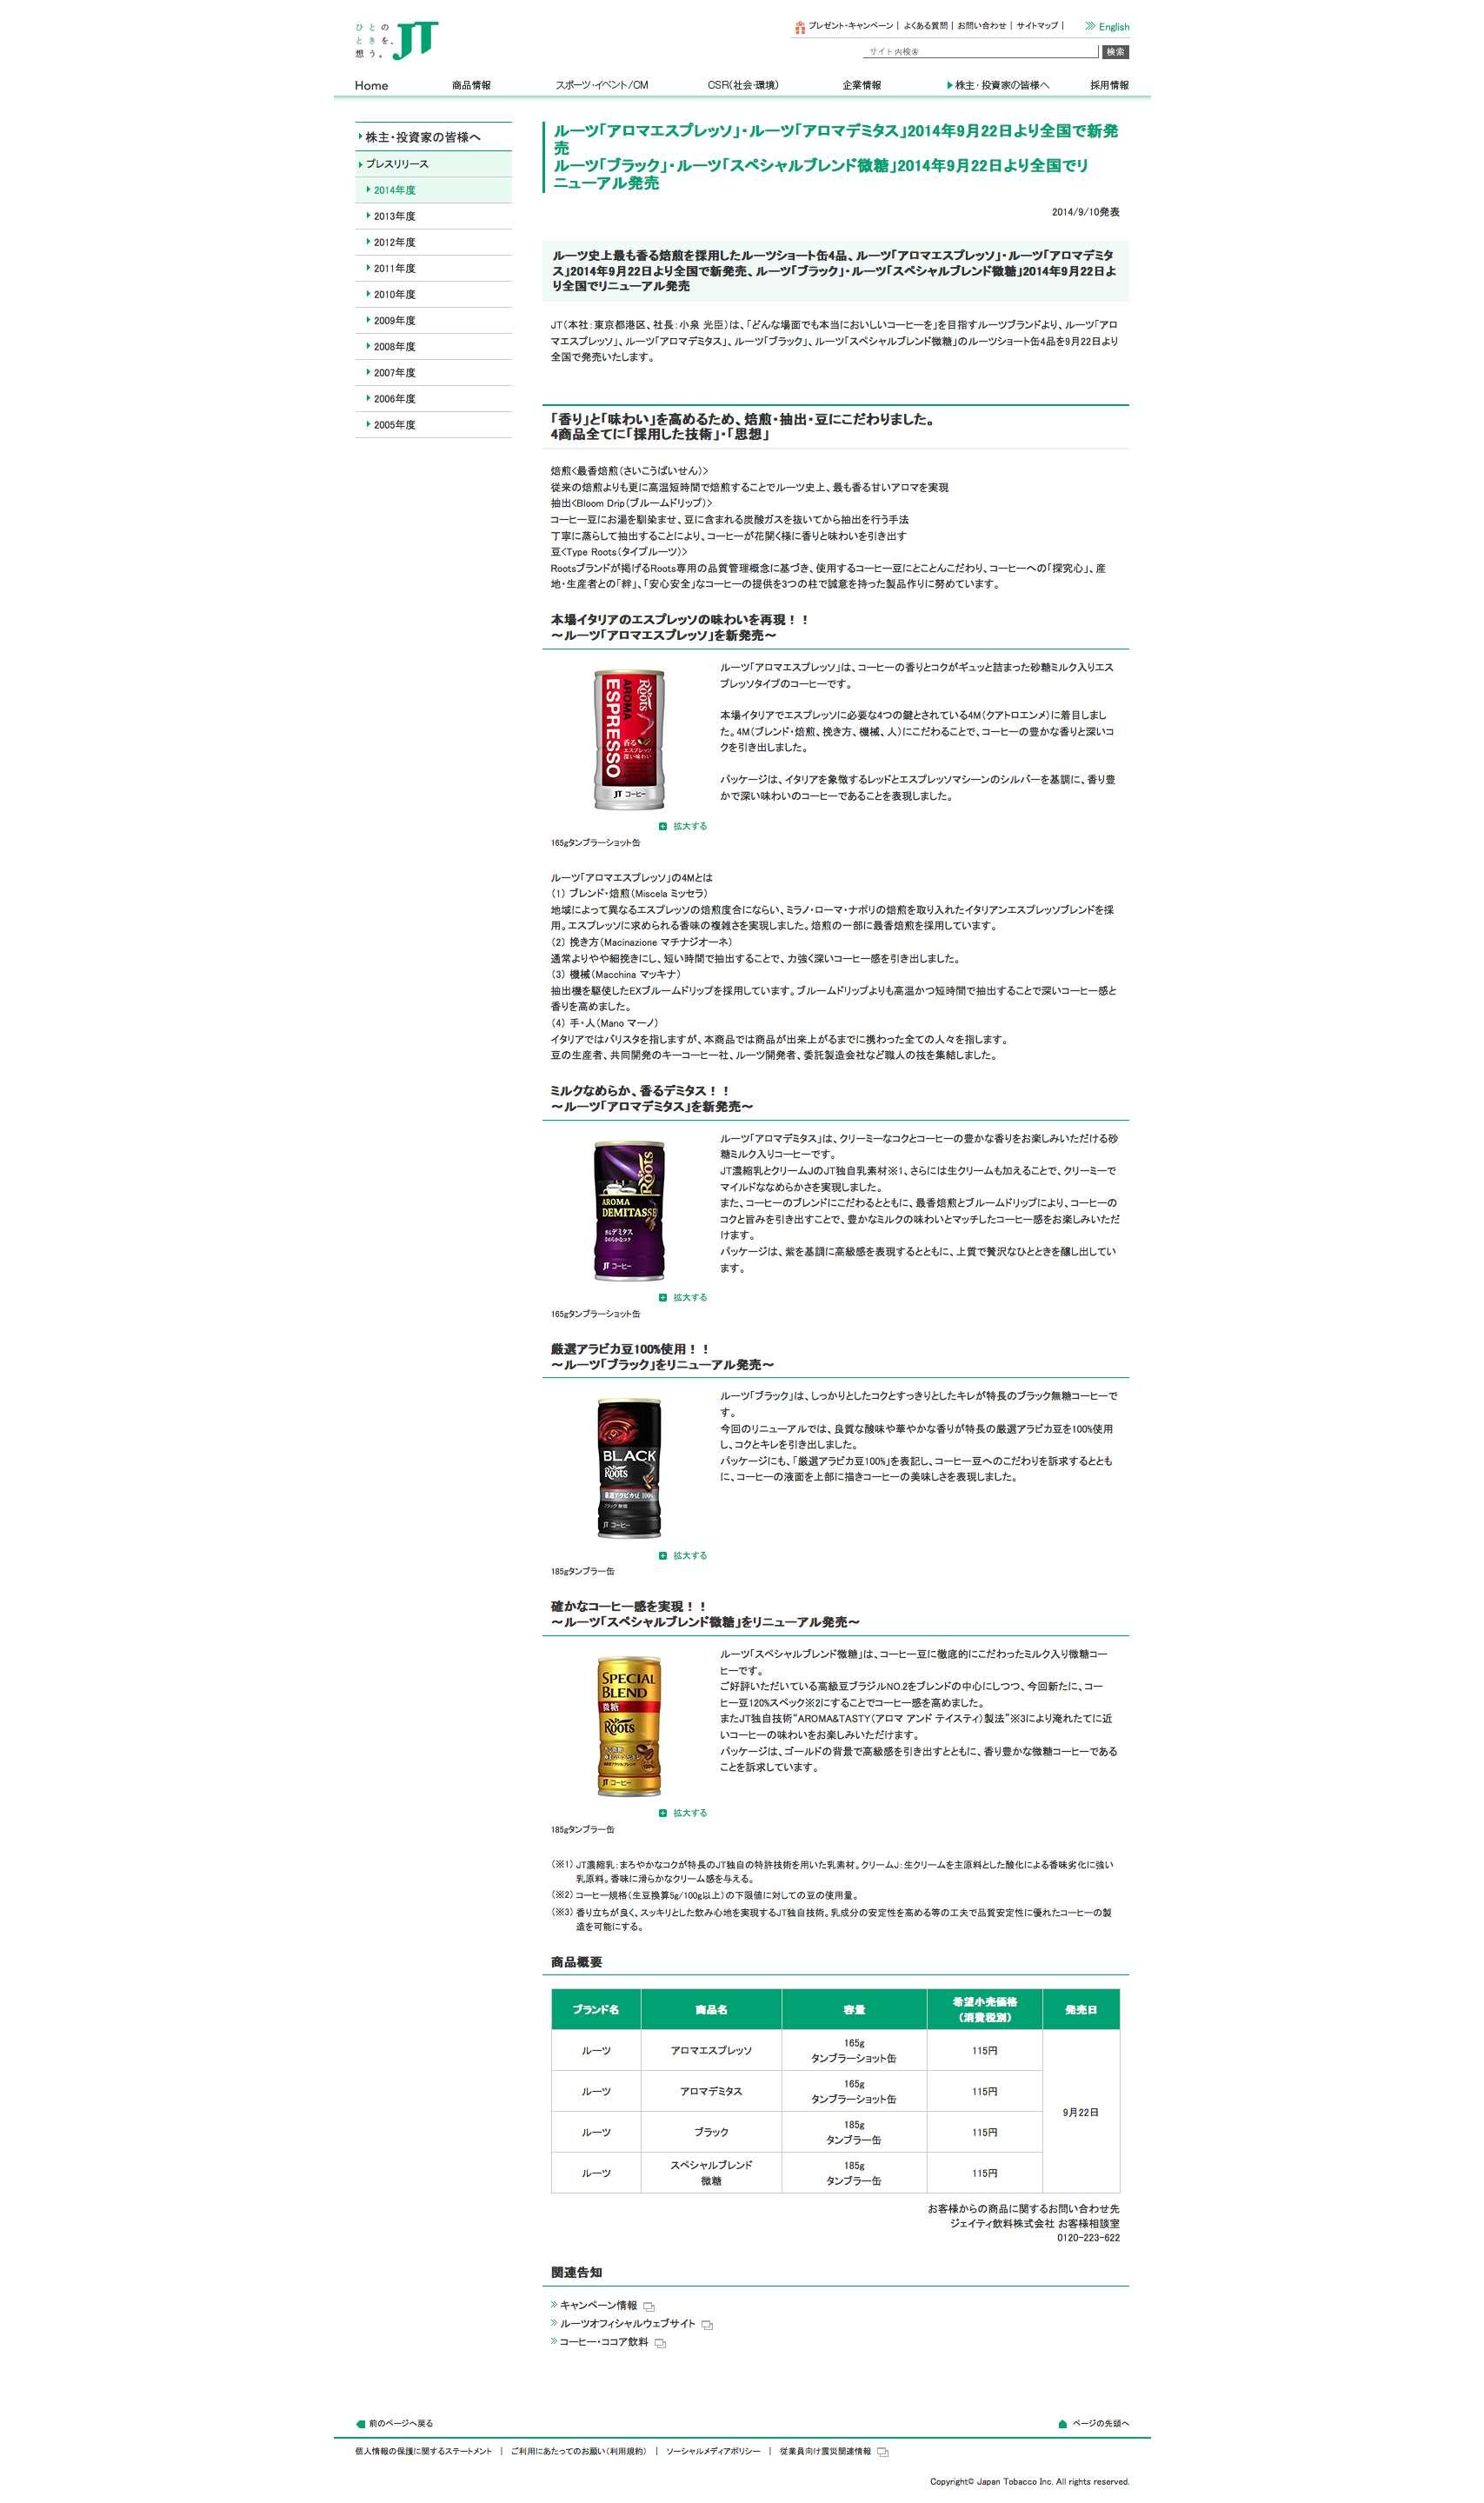 ルーツ「アロマエスプレッソ」・「アロマデミタス」新発売、2014年9月22日、ルーツ「ブラック」・「スペシャルブレンド微糖」リニューアル発売  JTウェブサイト